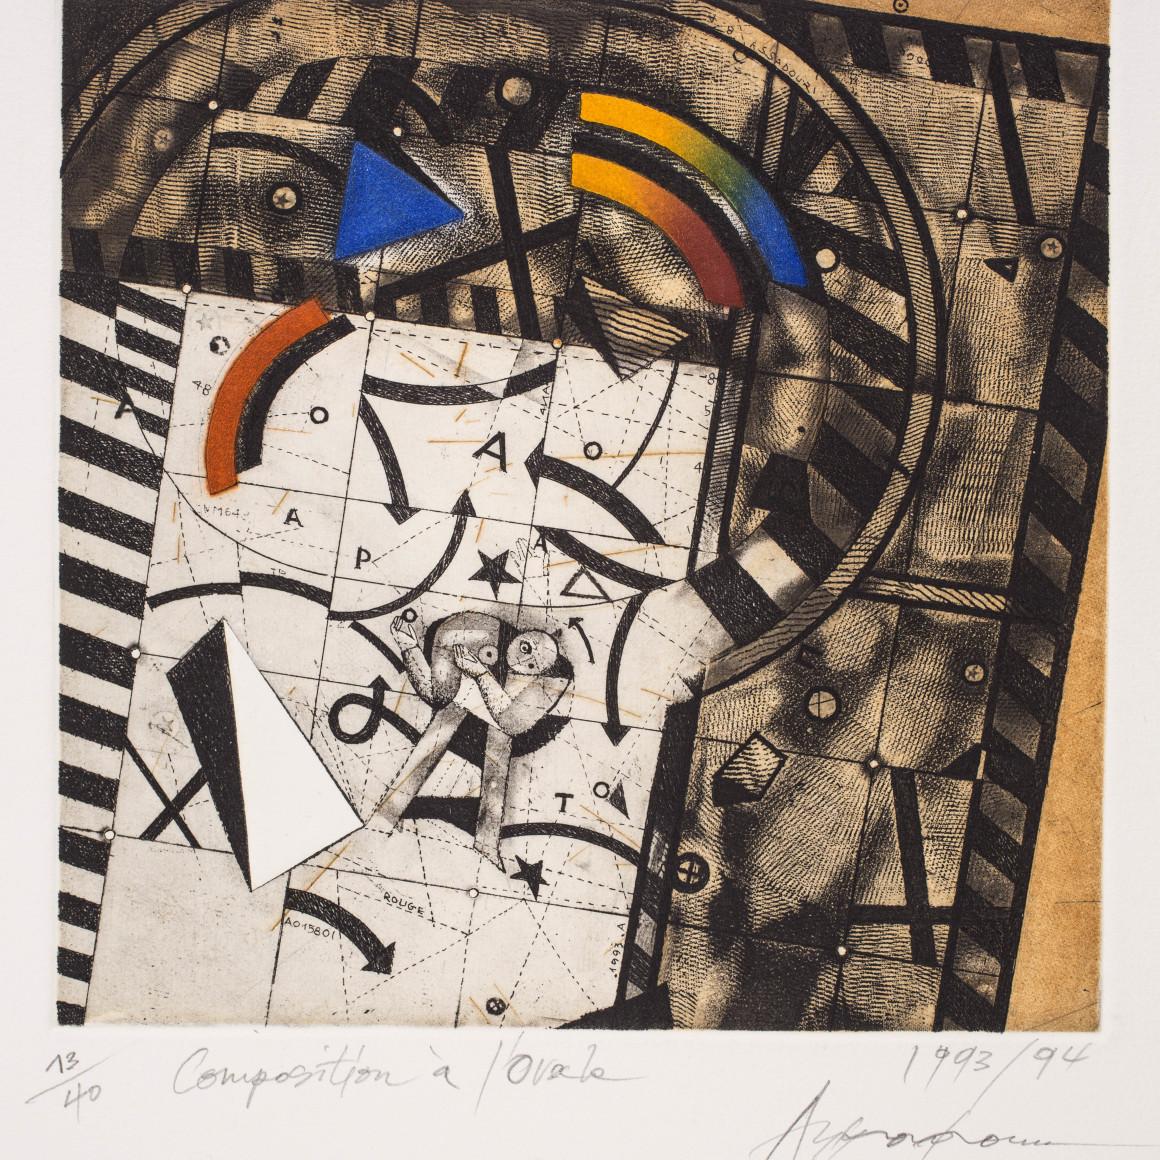 Assadour, Composition à l'ovale , 1993/94